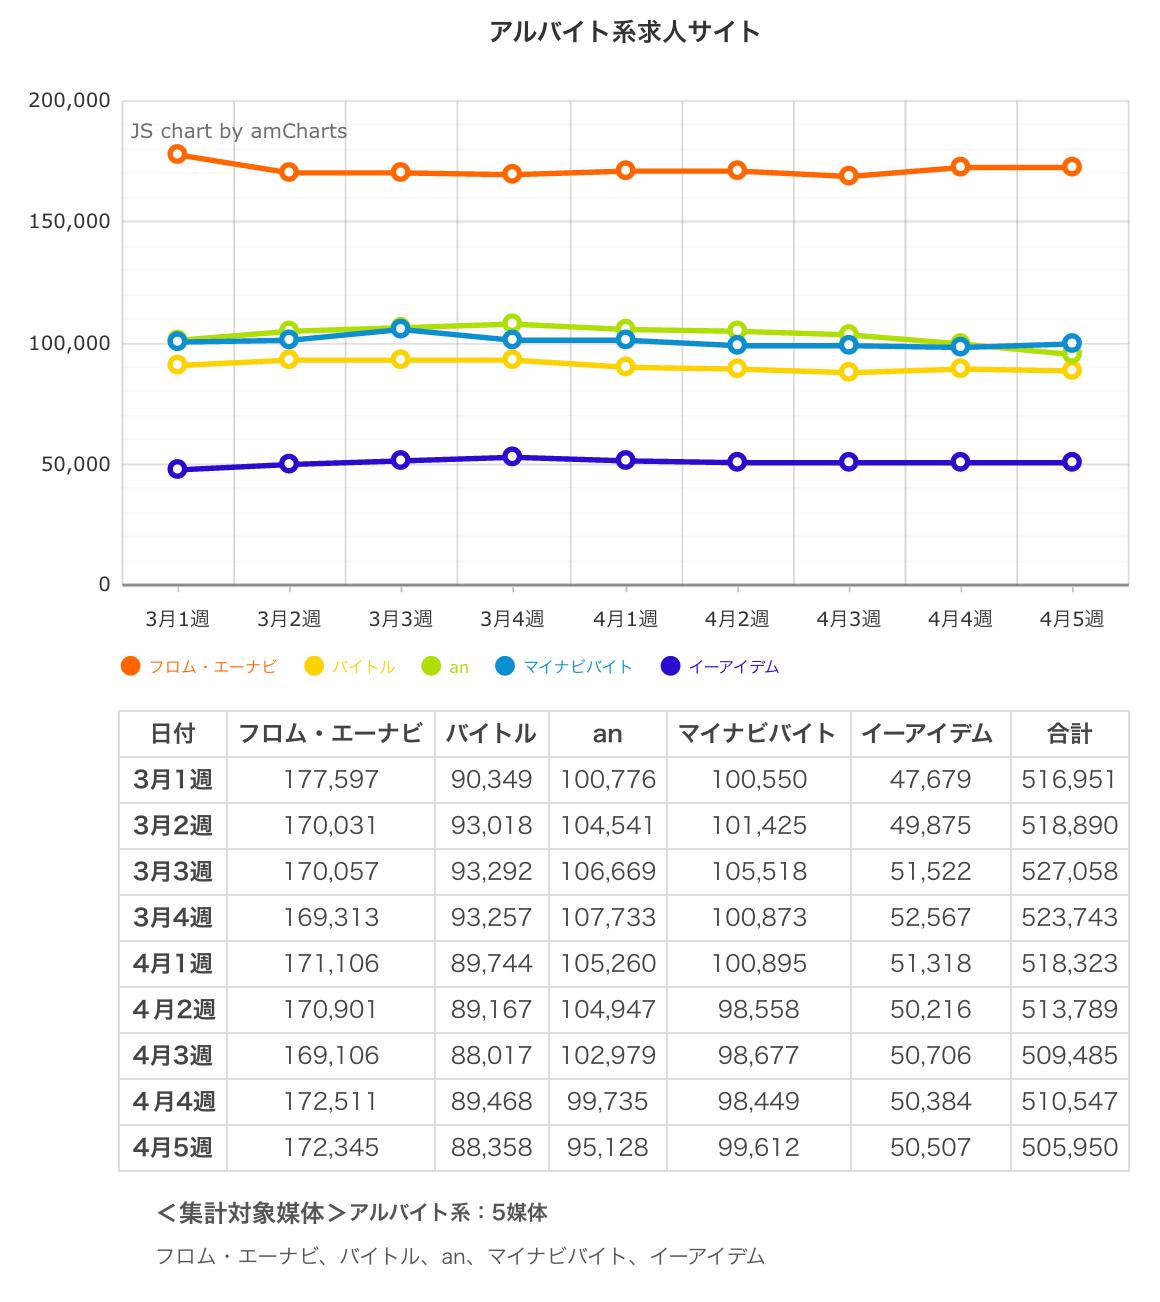 ウィークリー求人サイト掲載件数速報 2015年4月5週